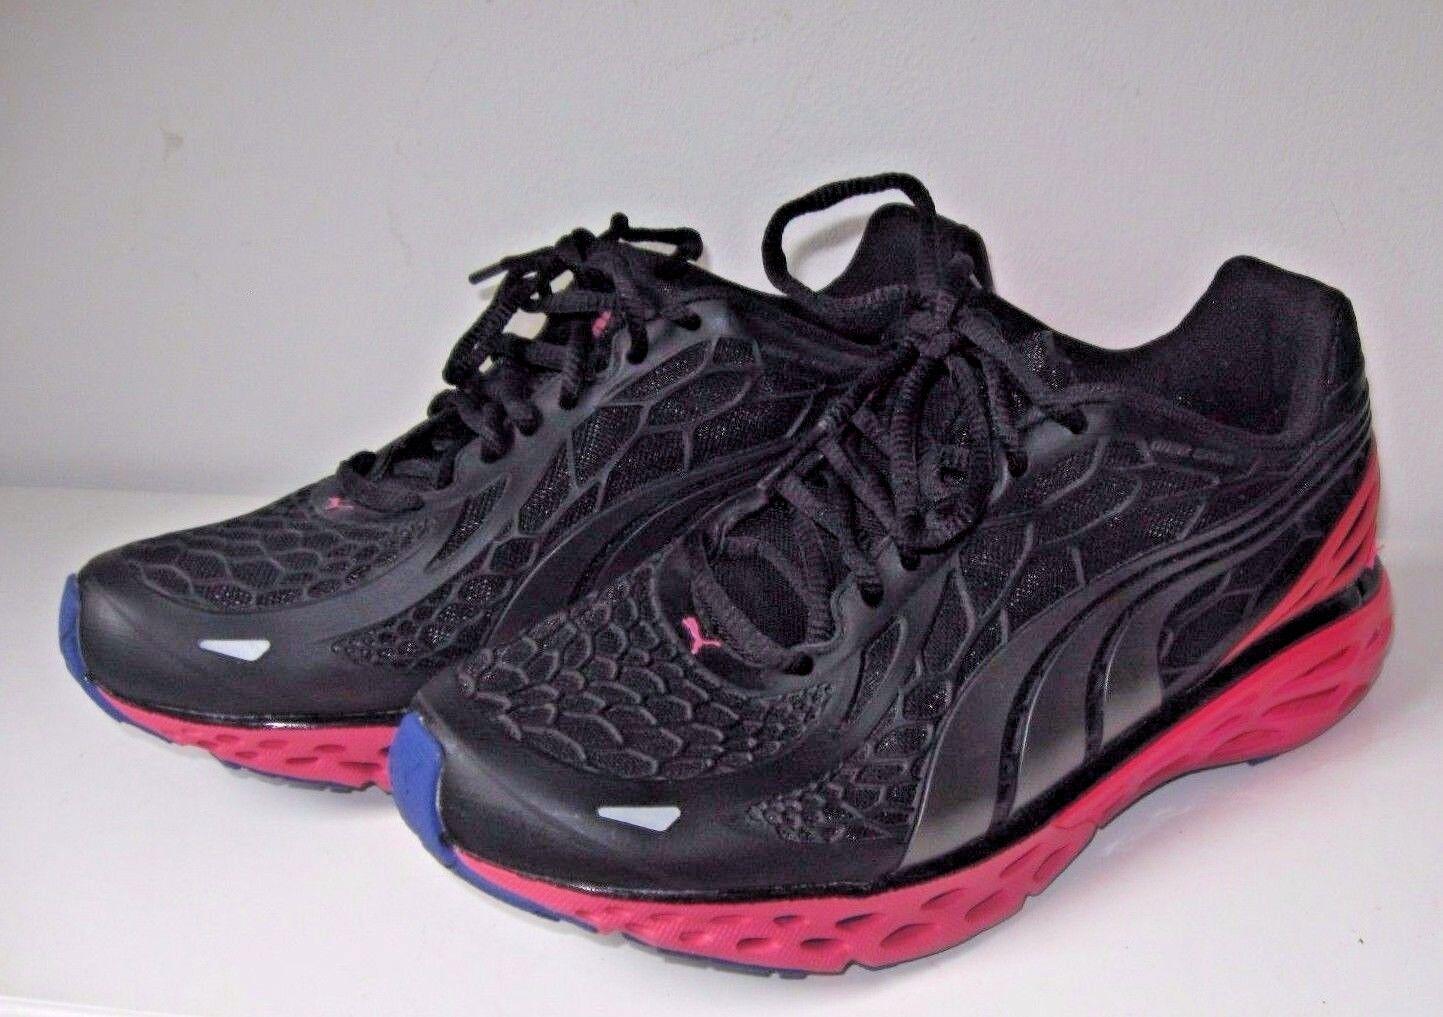 Le donne che gestiscono bioweb puma nero neon rosa scarpe da ginnastica nuove dimensioni 8,5